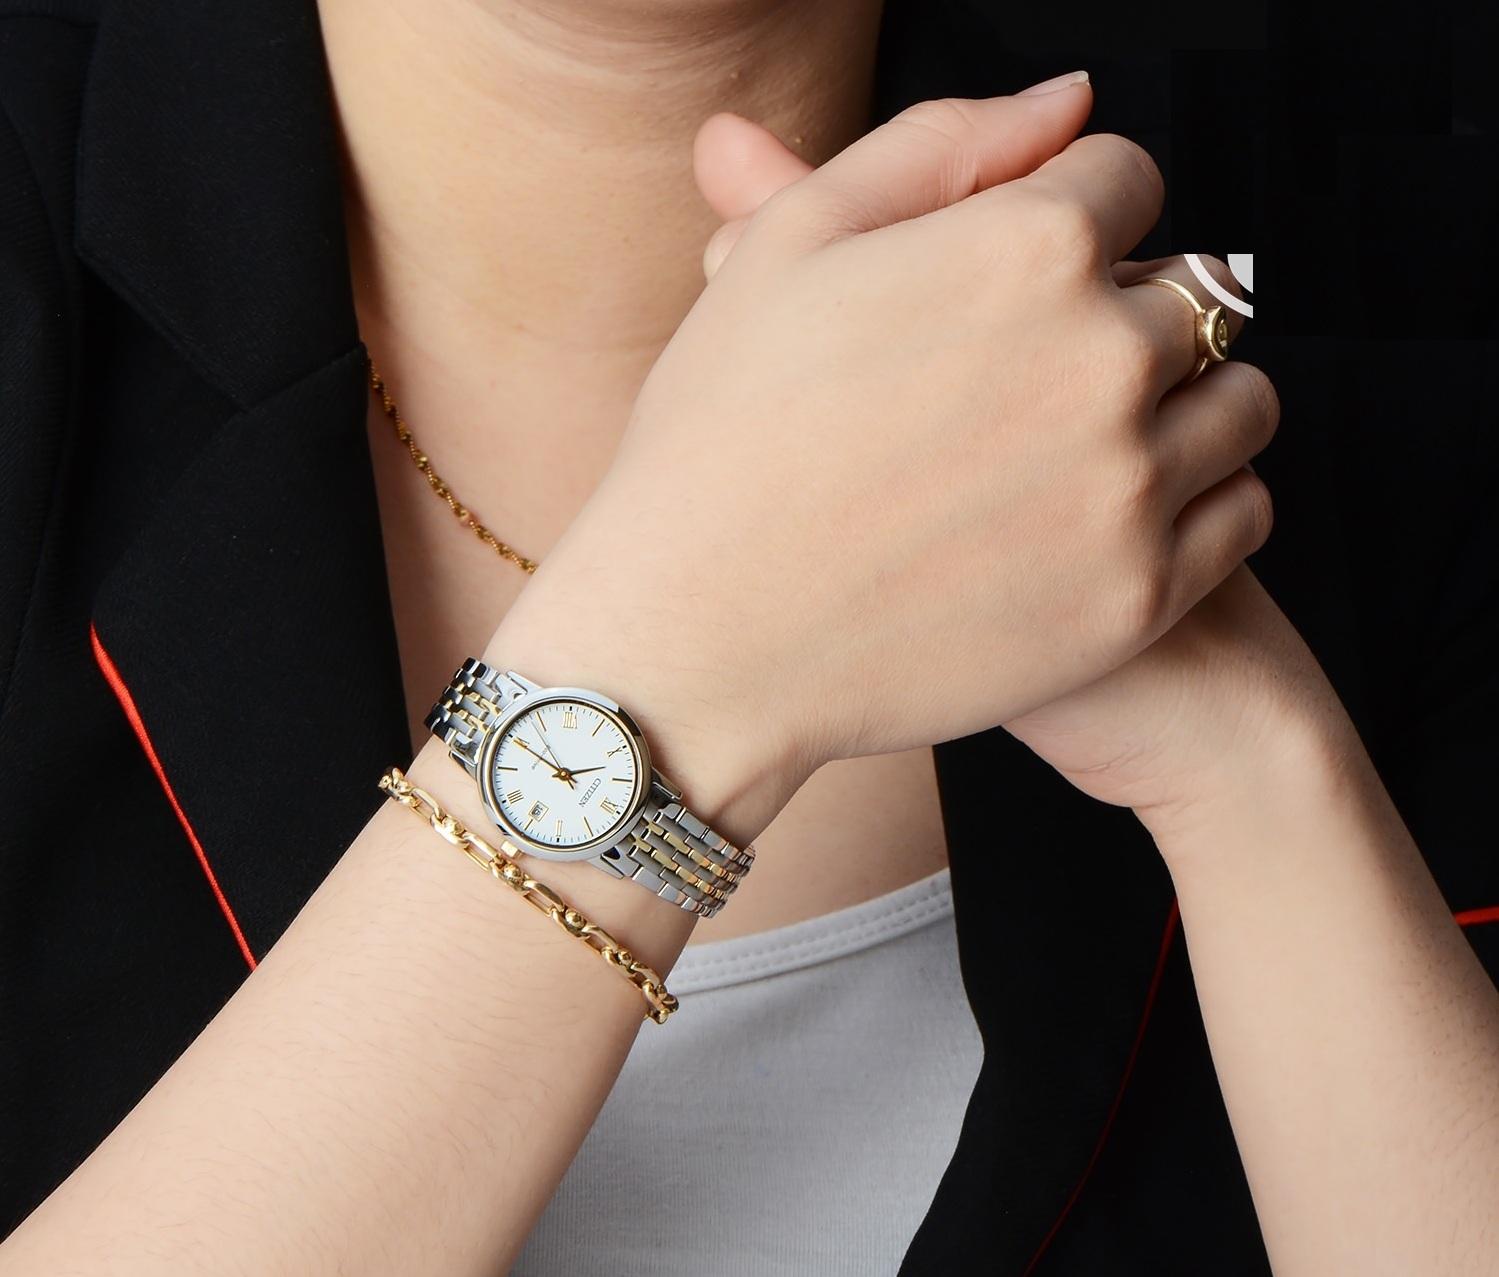 EW1584-59A trên tay thanh lịch, nữ tính và đầy sức hút